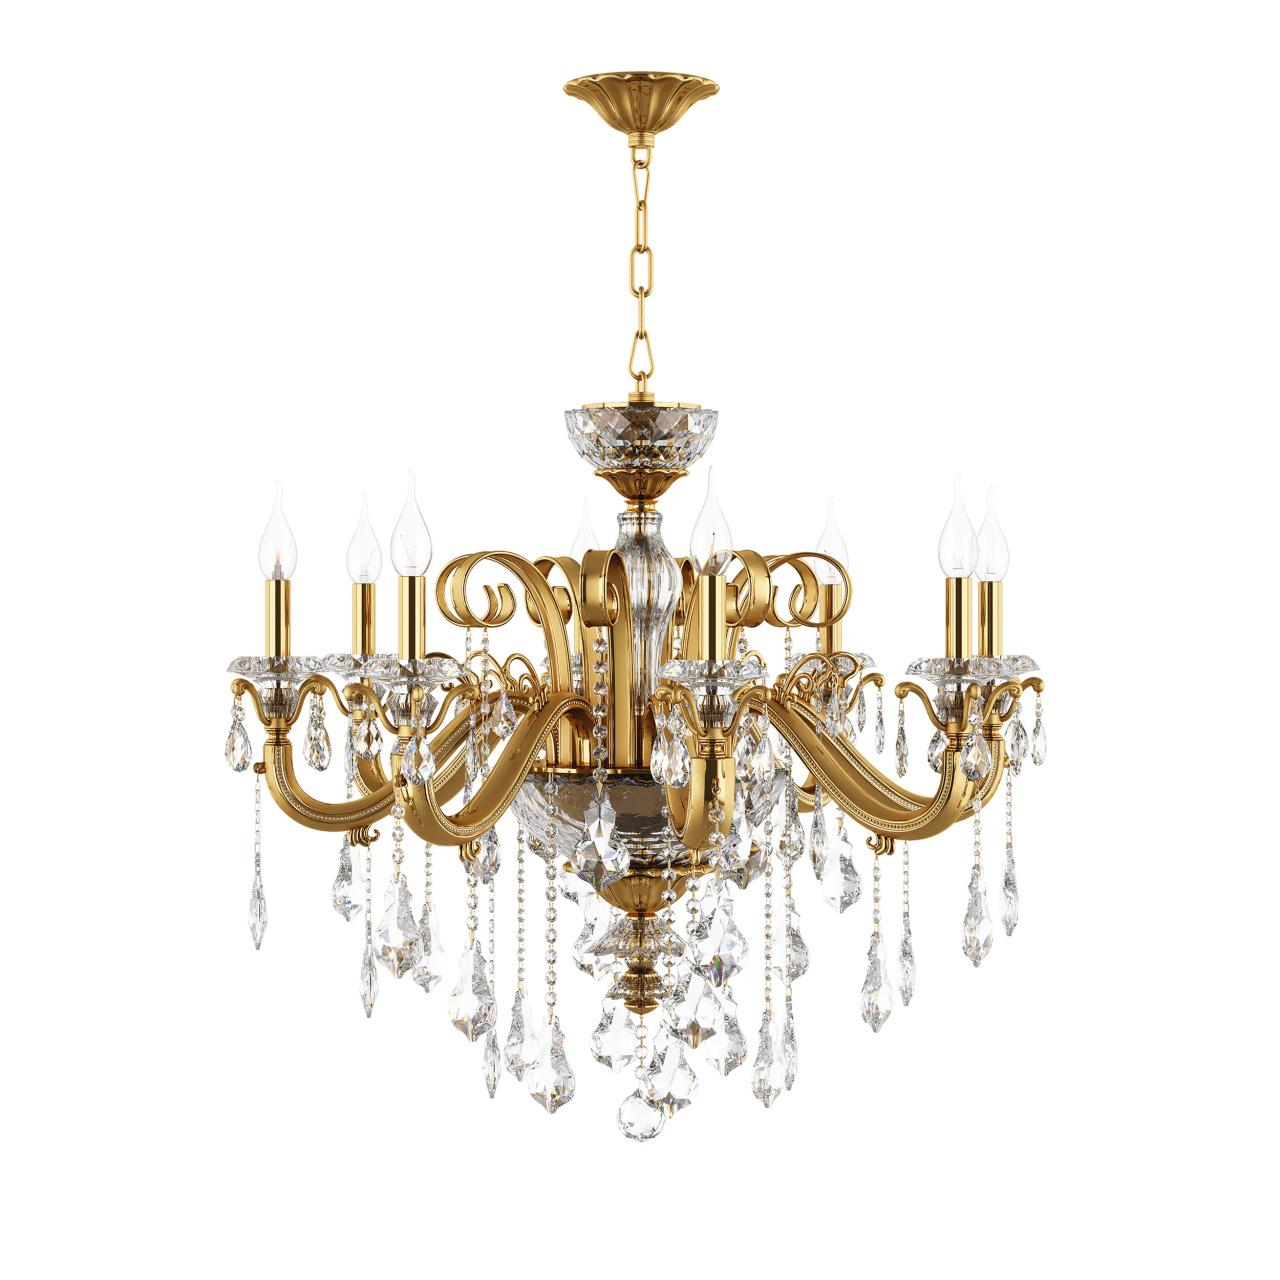 Люстра подвесная Lusso 8х60W E14 золото Osgona 788082